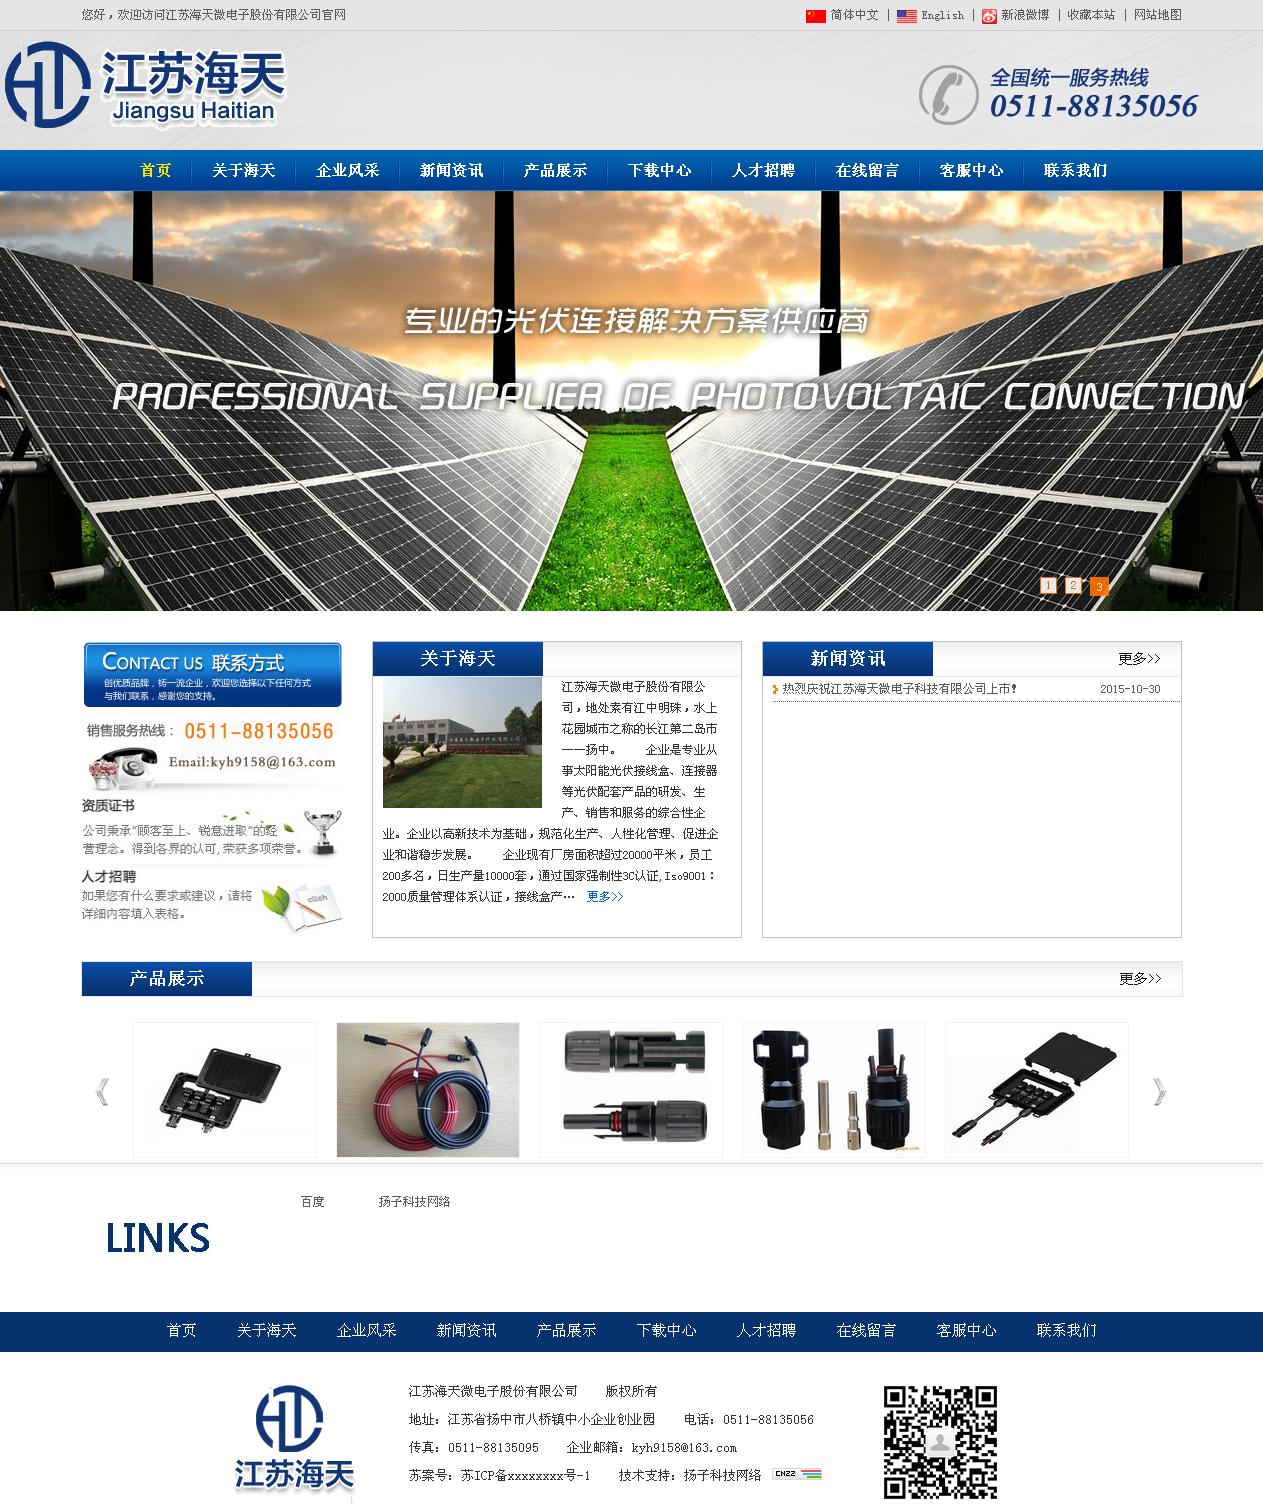 江苏海天微电子-扬中网站建设